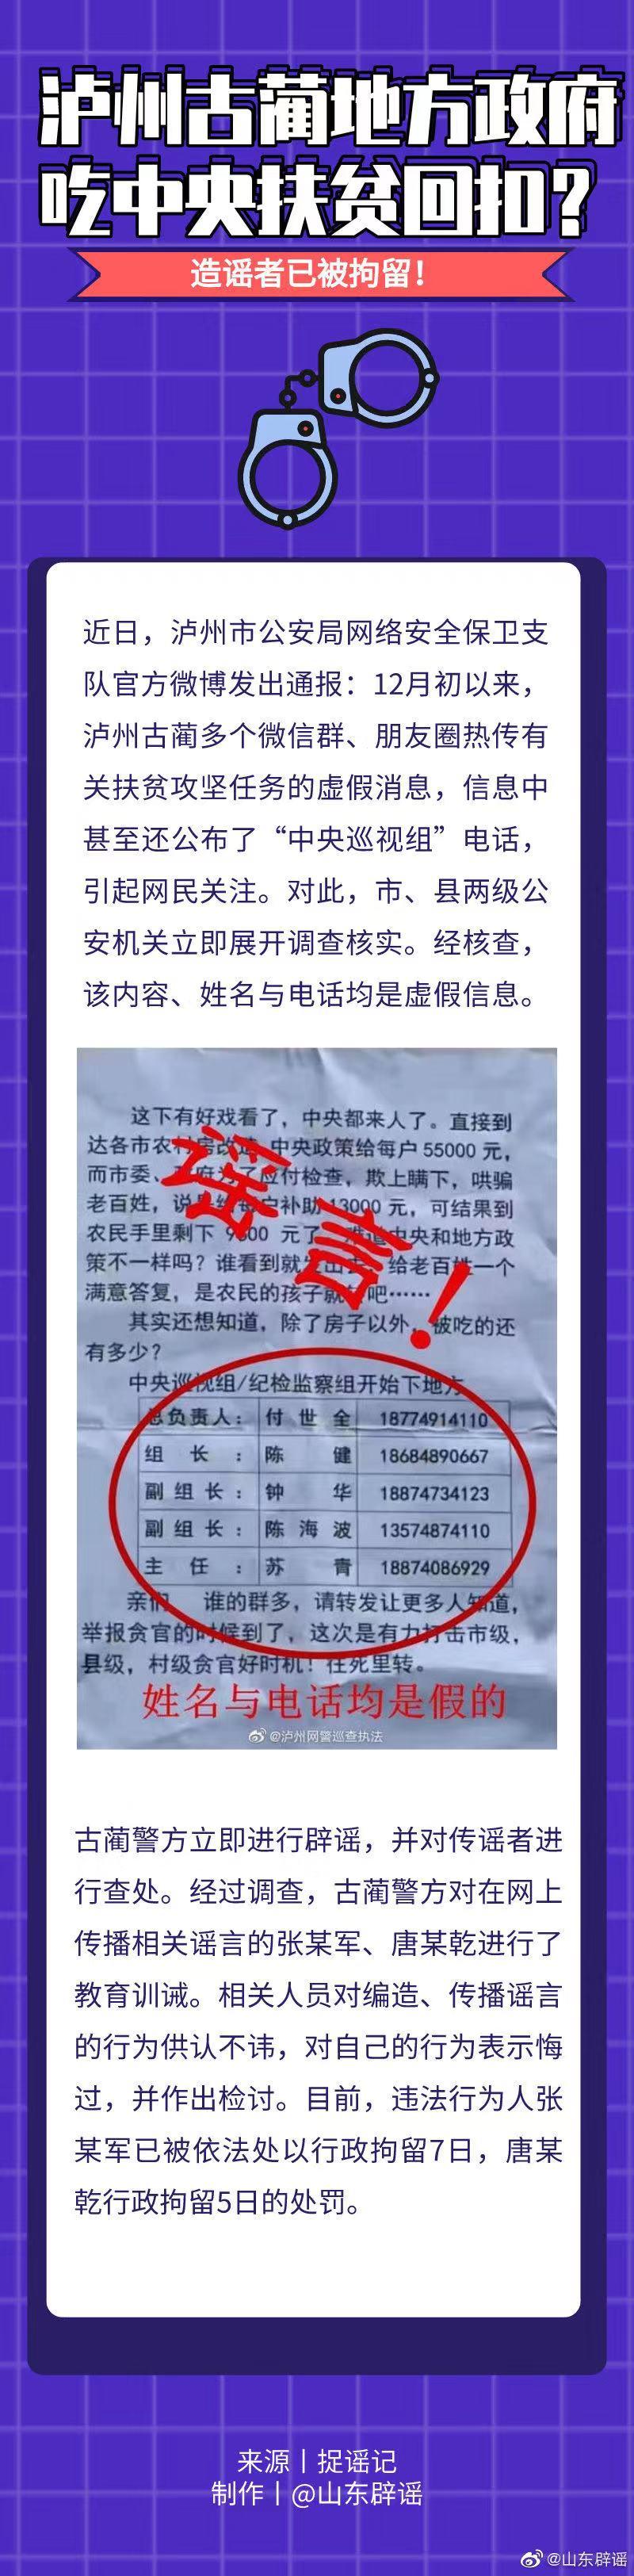 中通速递单号四川古蔺警方辟谣地方政府吃中央